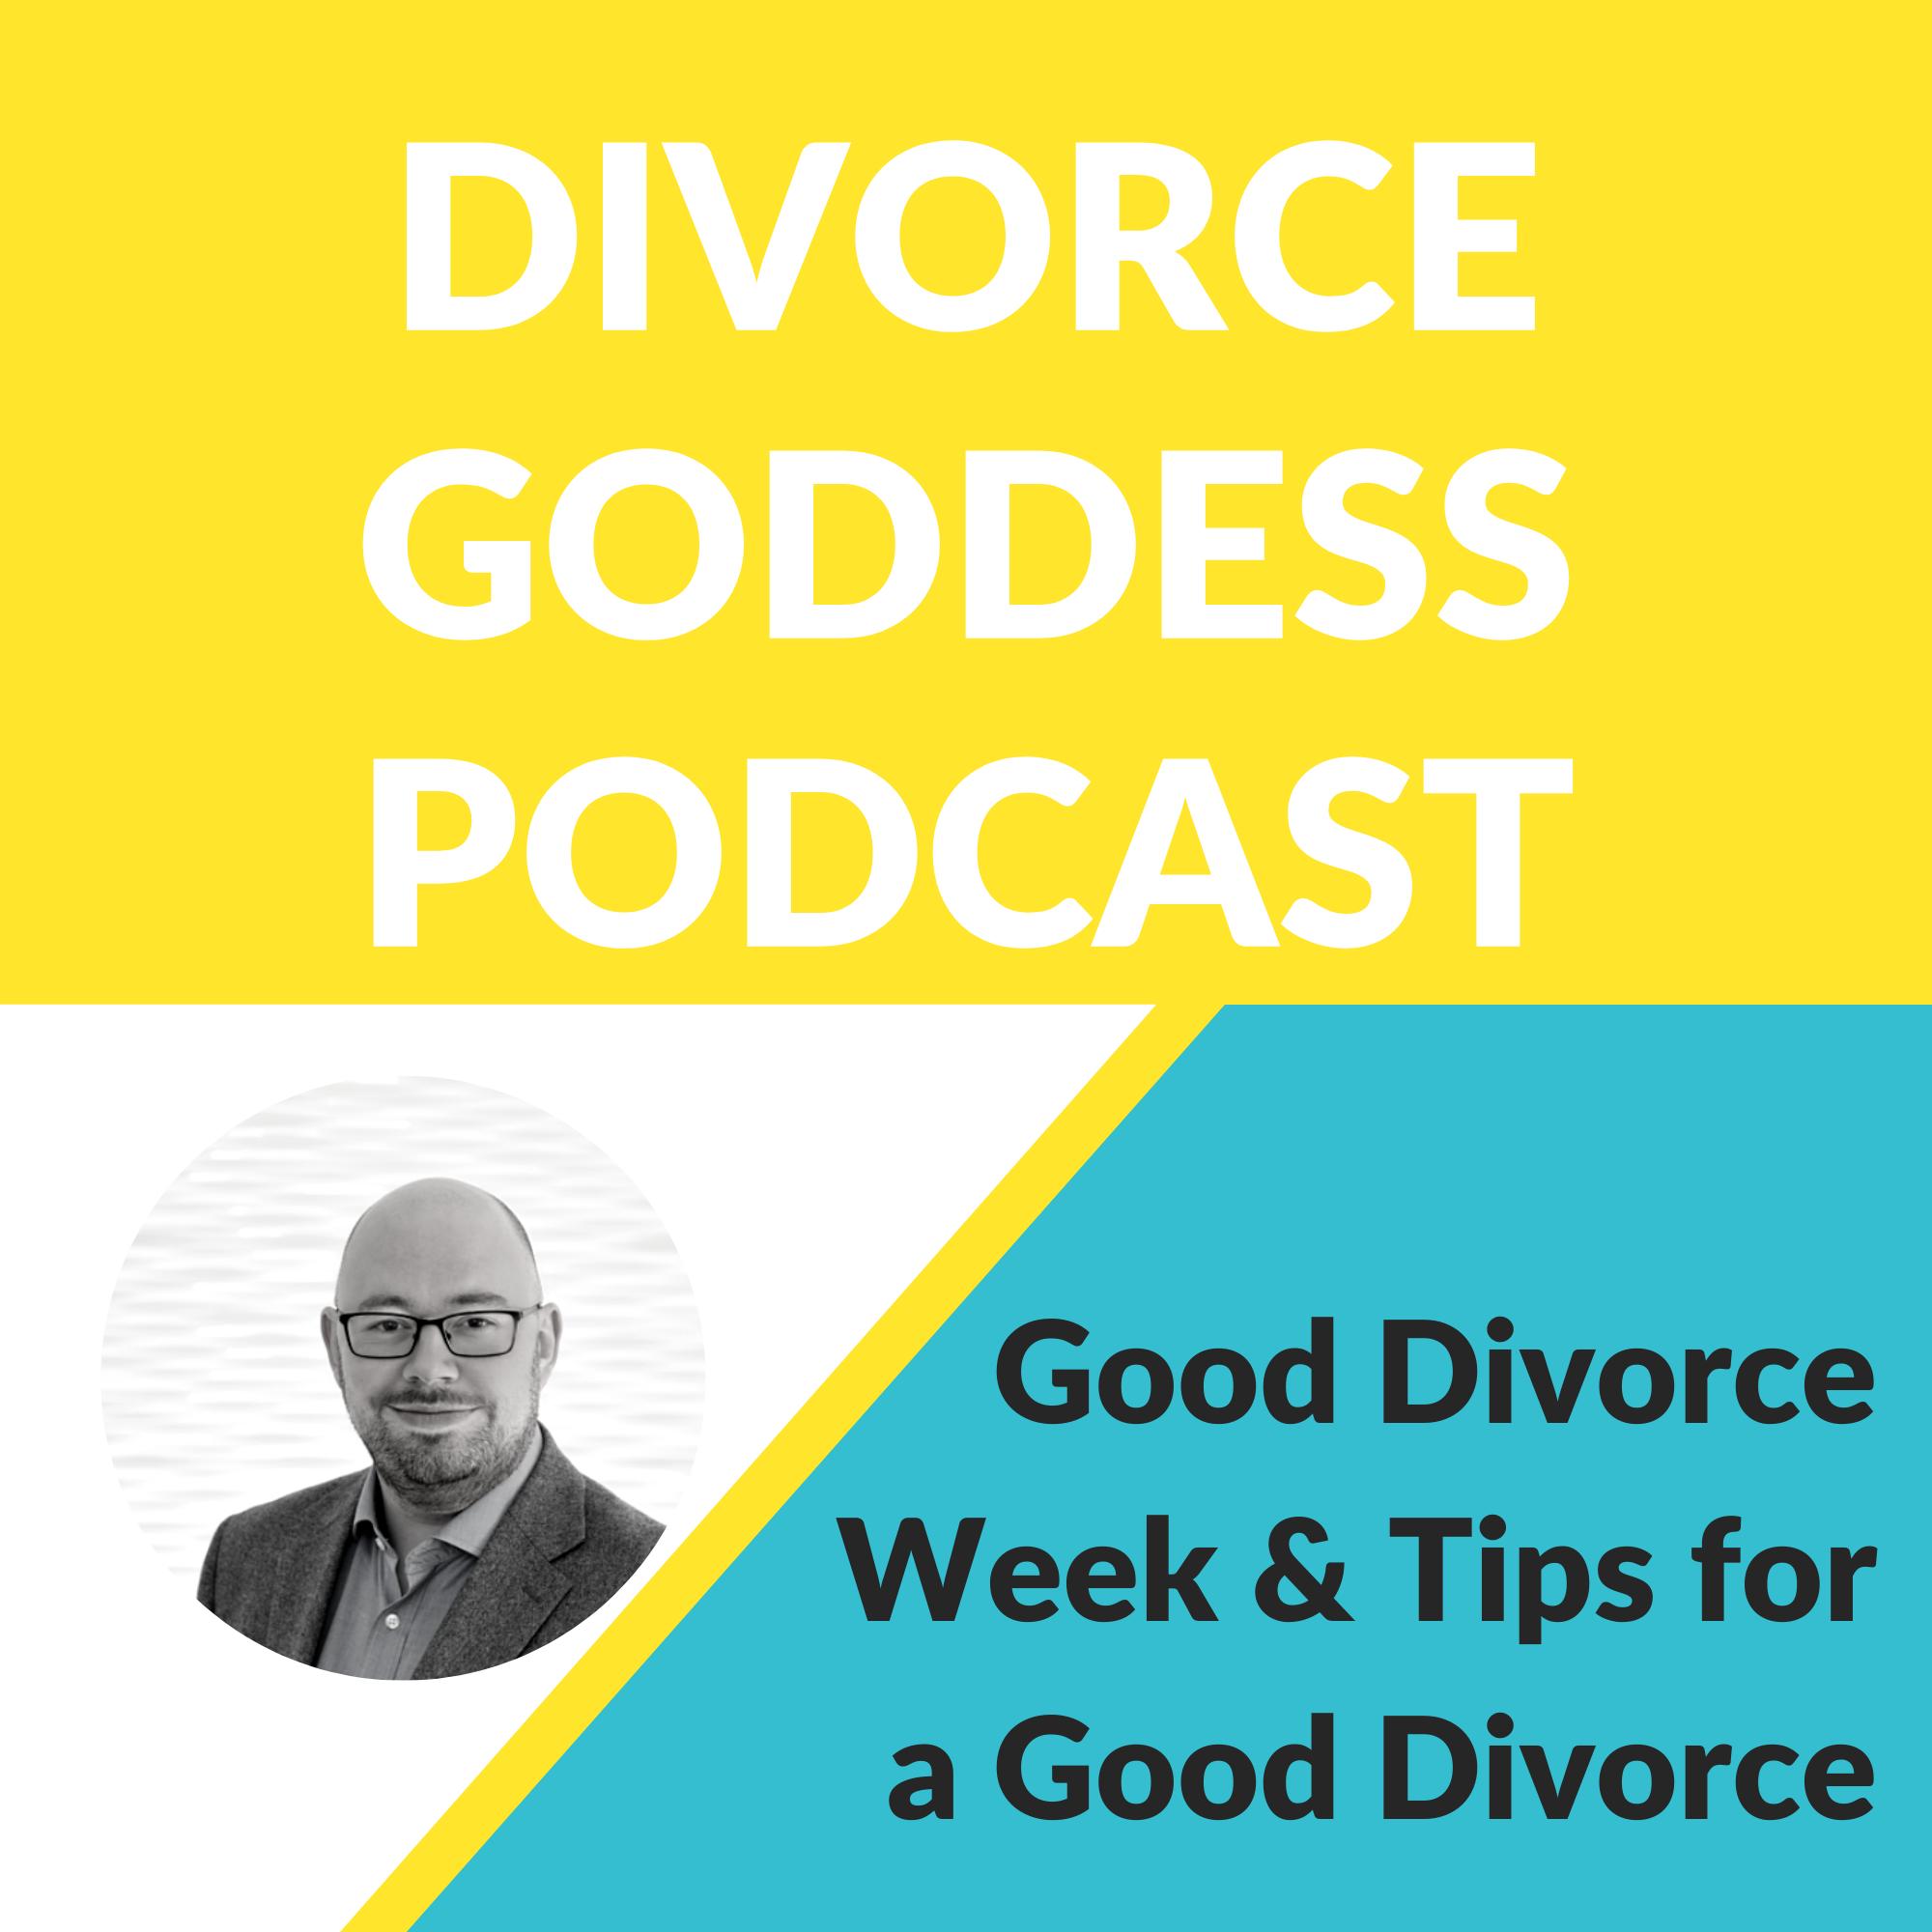 Divorce Goddess Podcast - Good Divorce Week & Tips for a Good Divorce